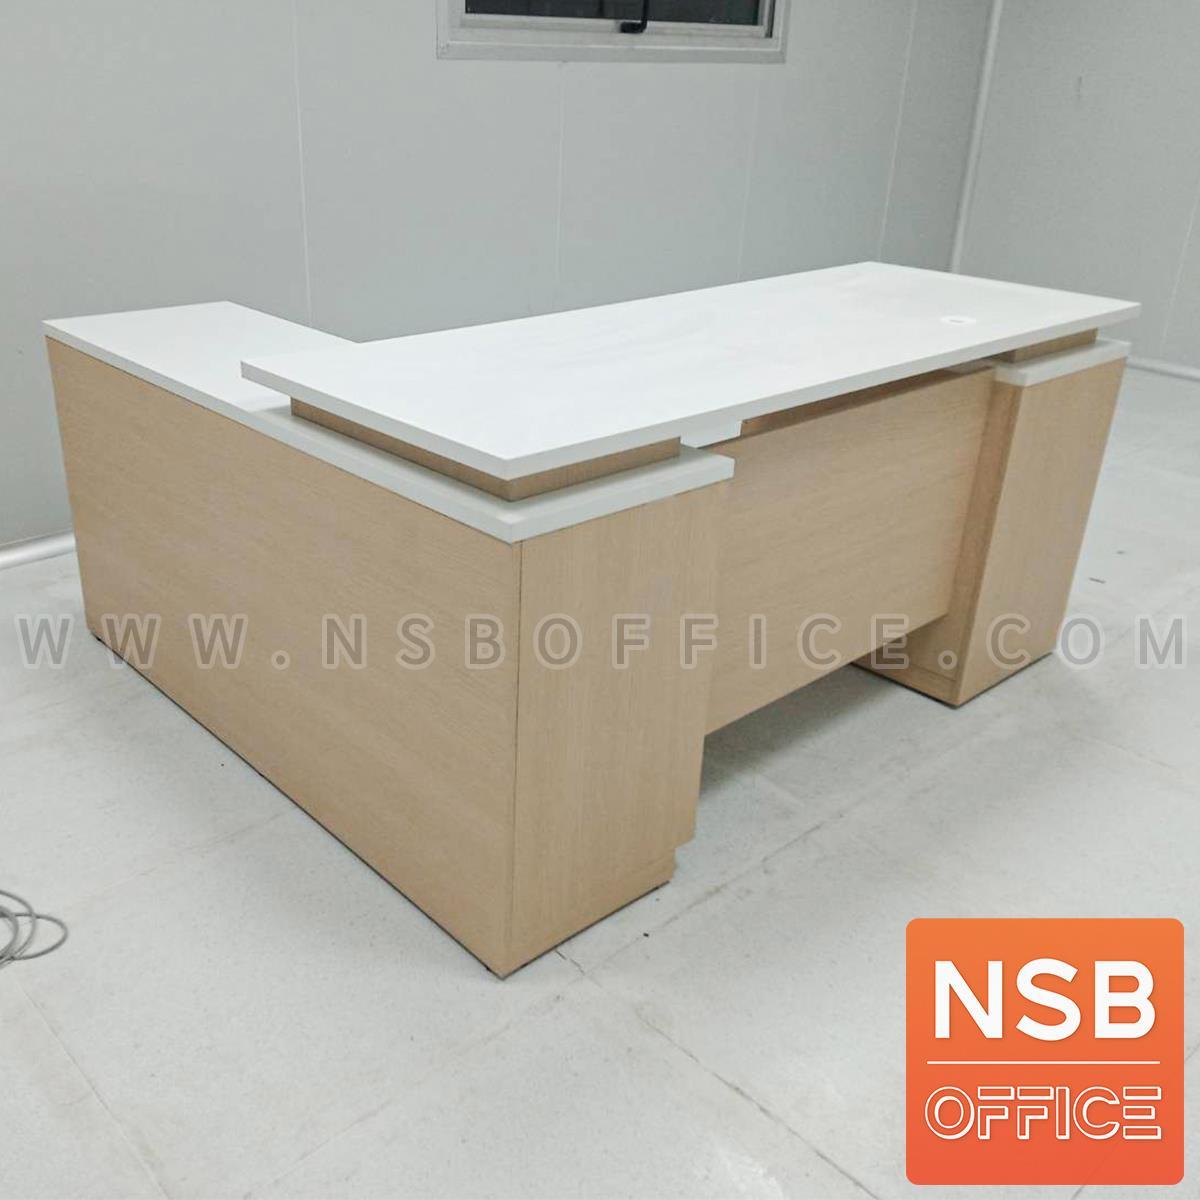 โต๊ะทำงานตัวแอล (สต็อก 5 ตัวเฉพาะแอลขวา) รุ่น Downlight (ดาวน์ไลท์) ขนาด 160W*160D*75H cm.  เมลามีน